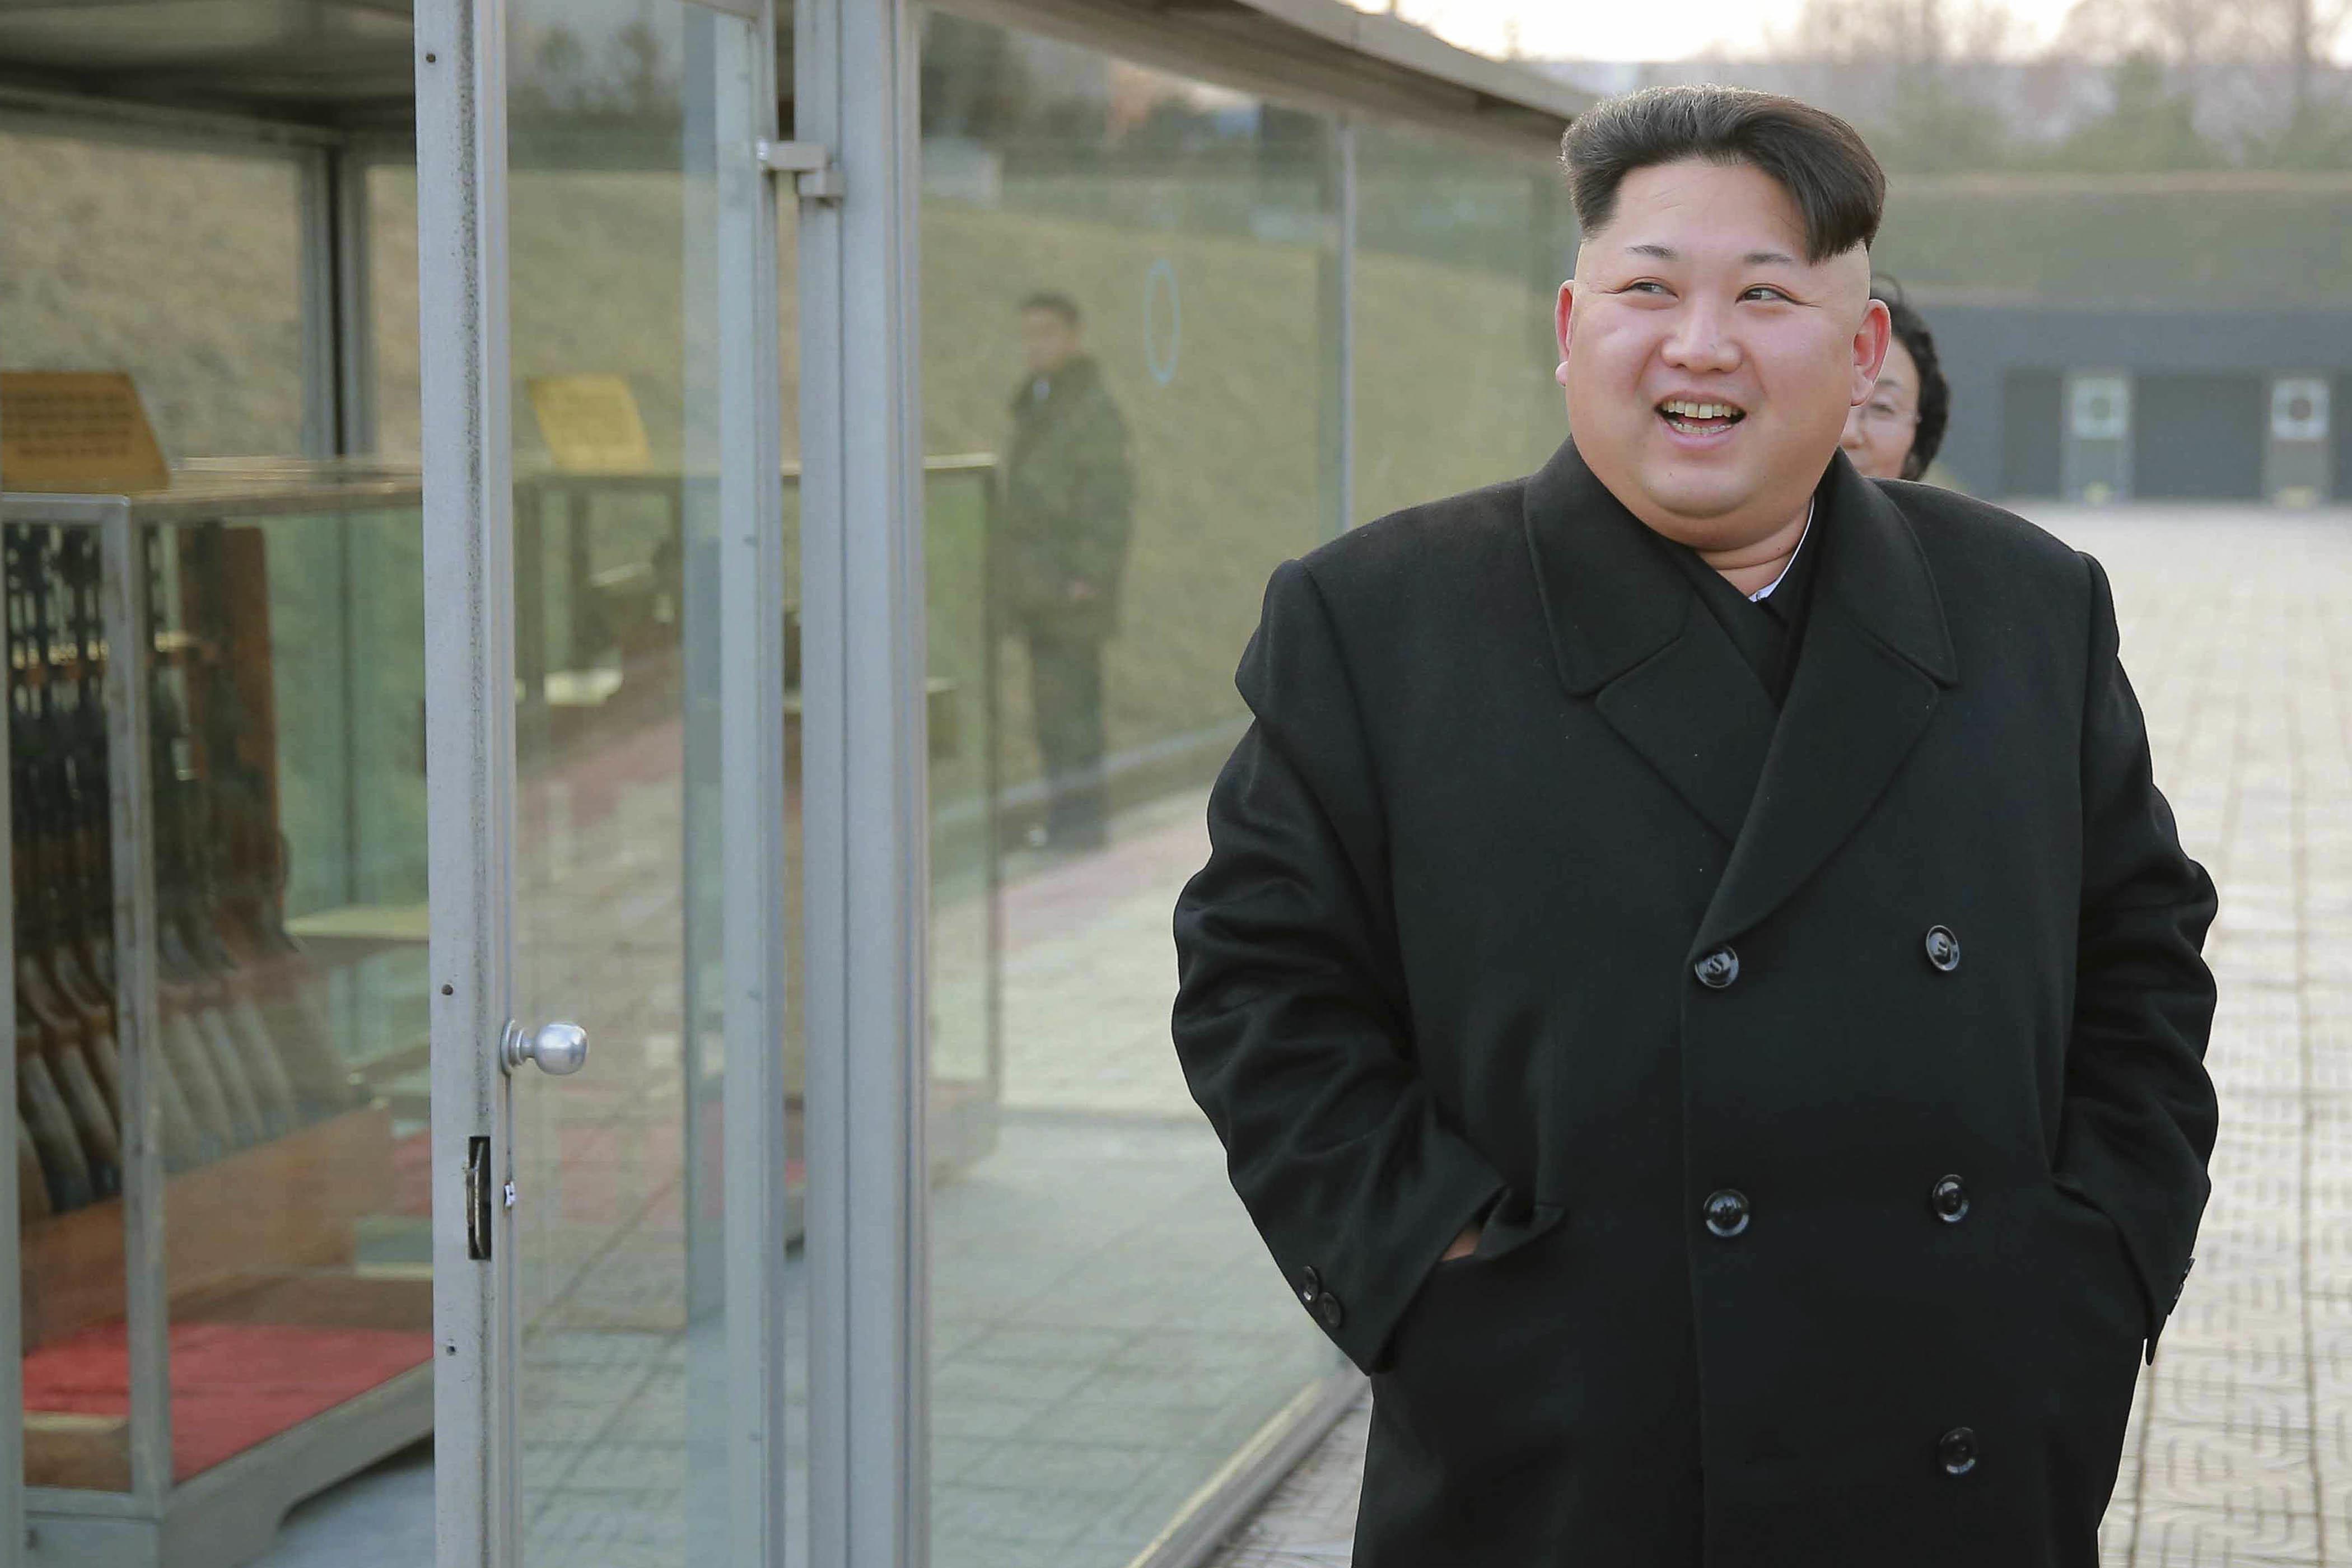 У Башара Асада и Ким Чен Ына сложились дружеские отношения